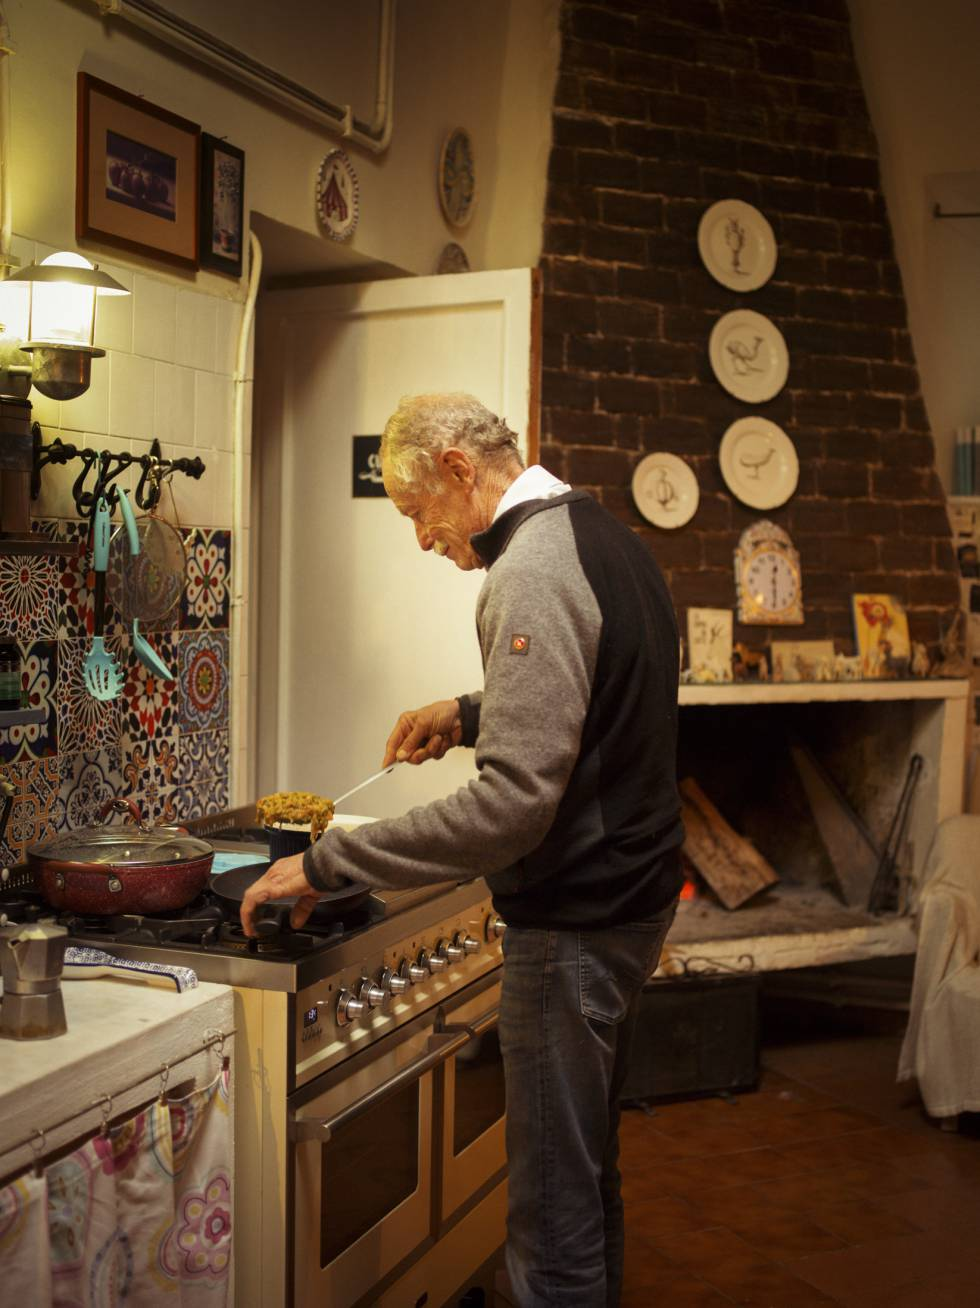 El escritor en la cocina de su casa, en una zona rural entre Roma y el lago de Bracciano.